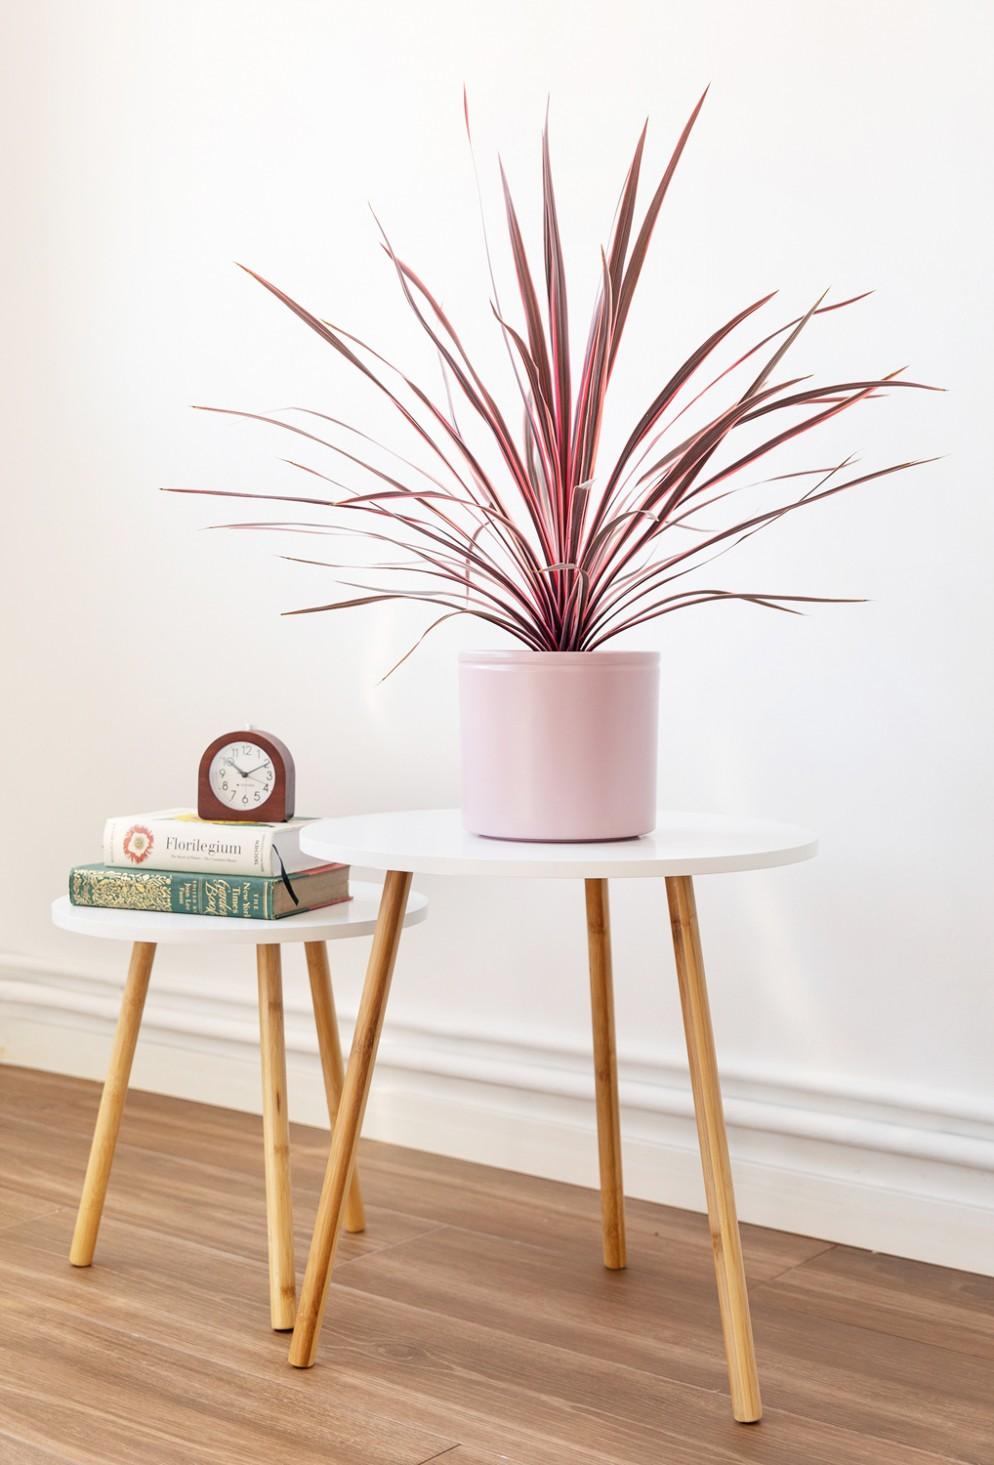 piante-eleganti-appartamento-7 Cordyline australis Colvin-living-corriere